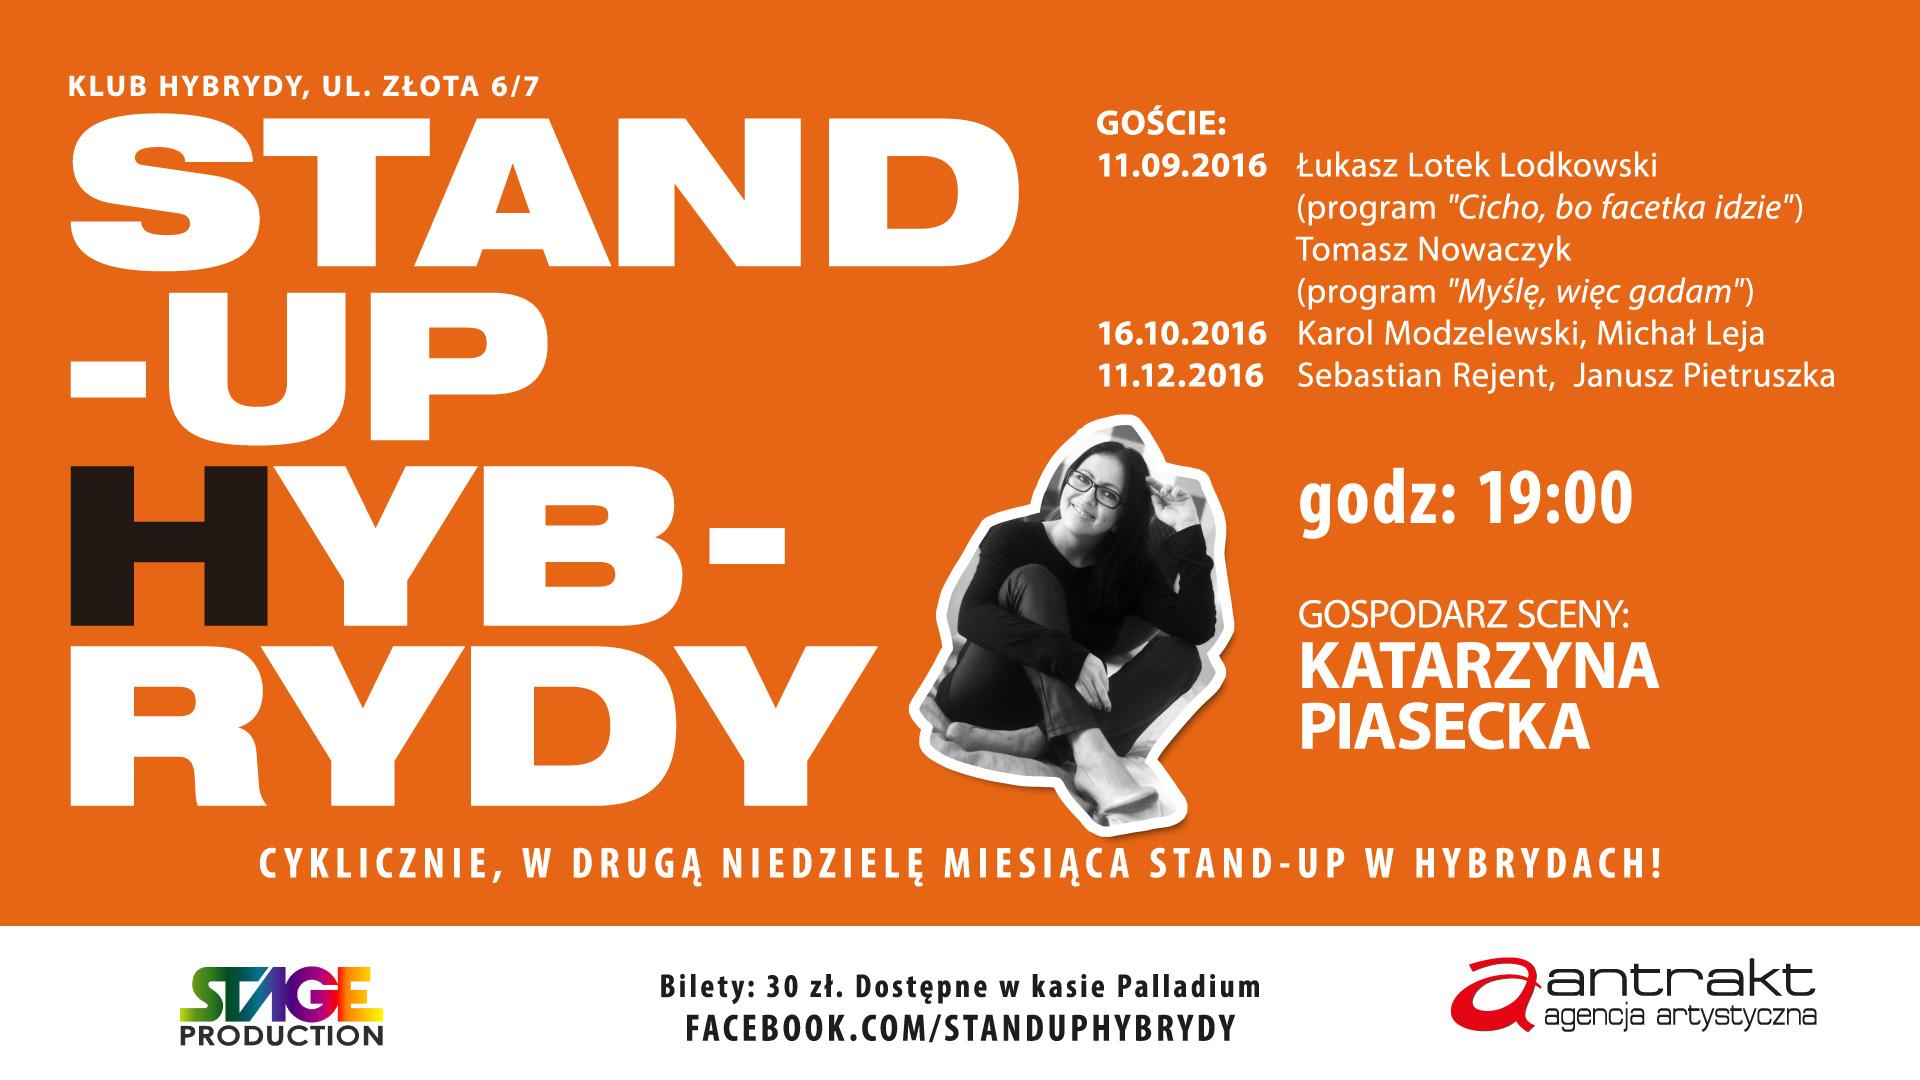 <p>9 listopada 2014 ruszyliśmy z cyklemStand-up Hybrydy. Gospodarzem scenyjest Katarzyna Piasecka. Raz w miesiącu zaprasza najlepszych polskich komików i wspólnie robią rasowy wieczór stand-up comedy. Na zakończenie każdego z nich odbywa się open mic (chętnych prosimy o napisanie wiadomości naprofilu  Stand-up Hybrydy ). Będzie odważnie, abstrakcyjnie i zabawnie. PROGRAM TYLKO DLA WIDZÓW DOROSŁYCH.Startujemyzawsze o [&hellip;]</p>